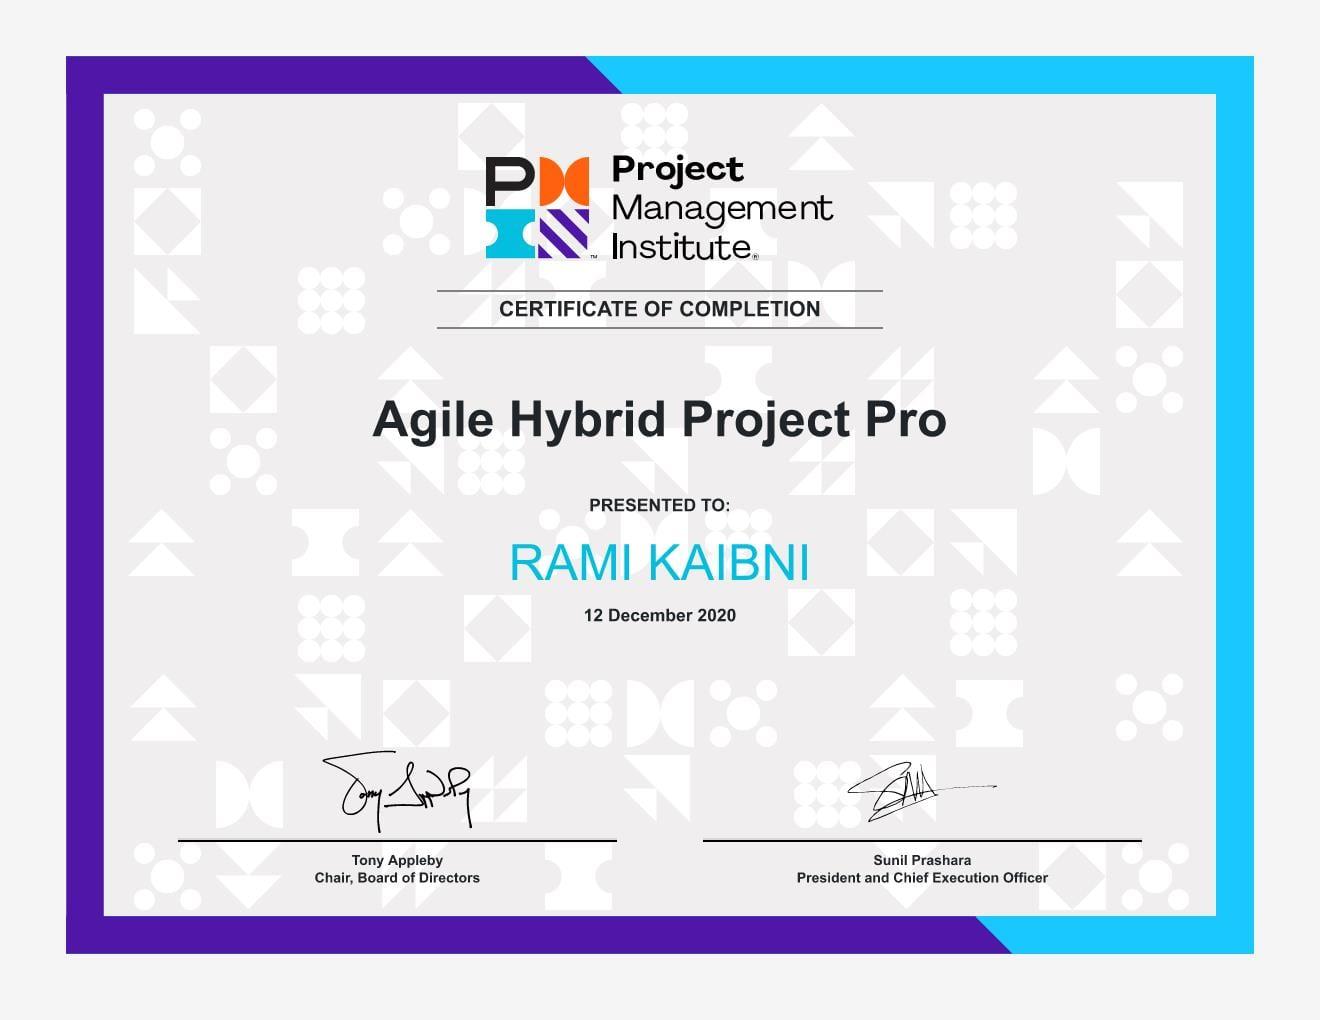 Agile Hybrid Project Pro Certificate